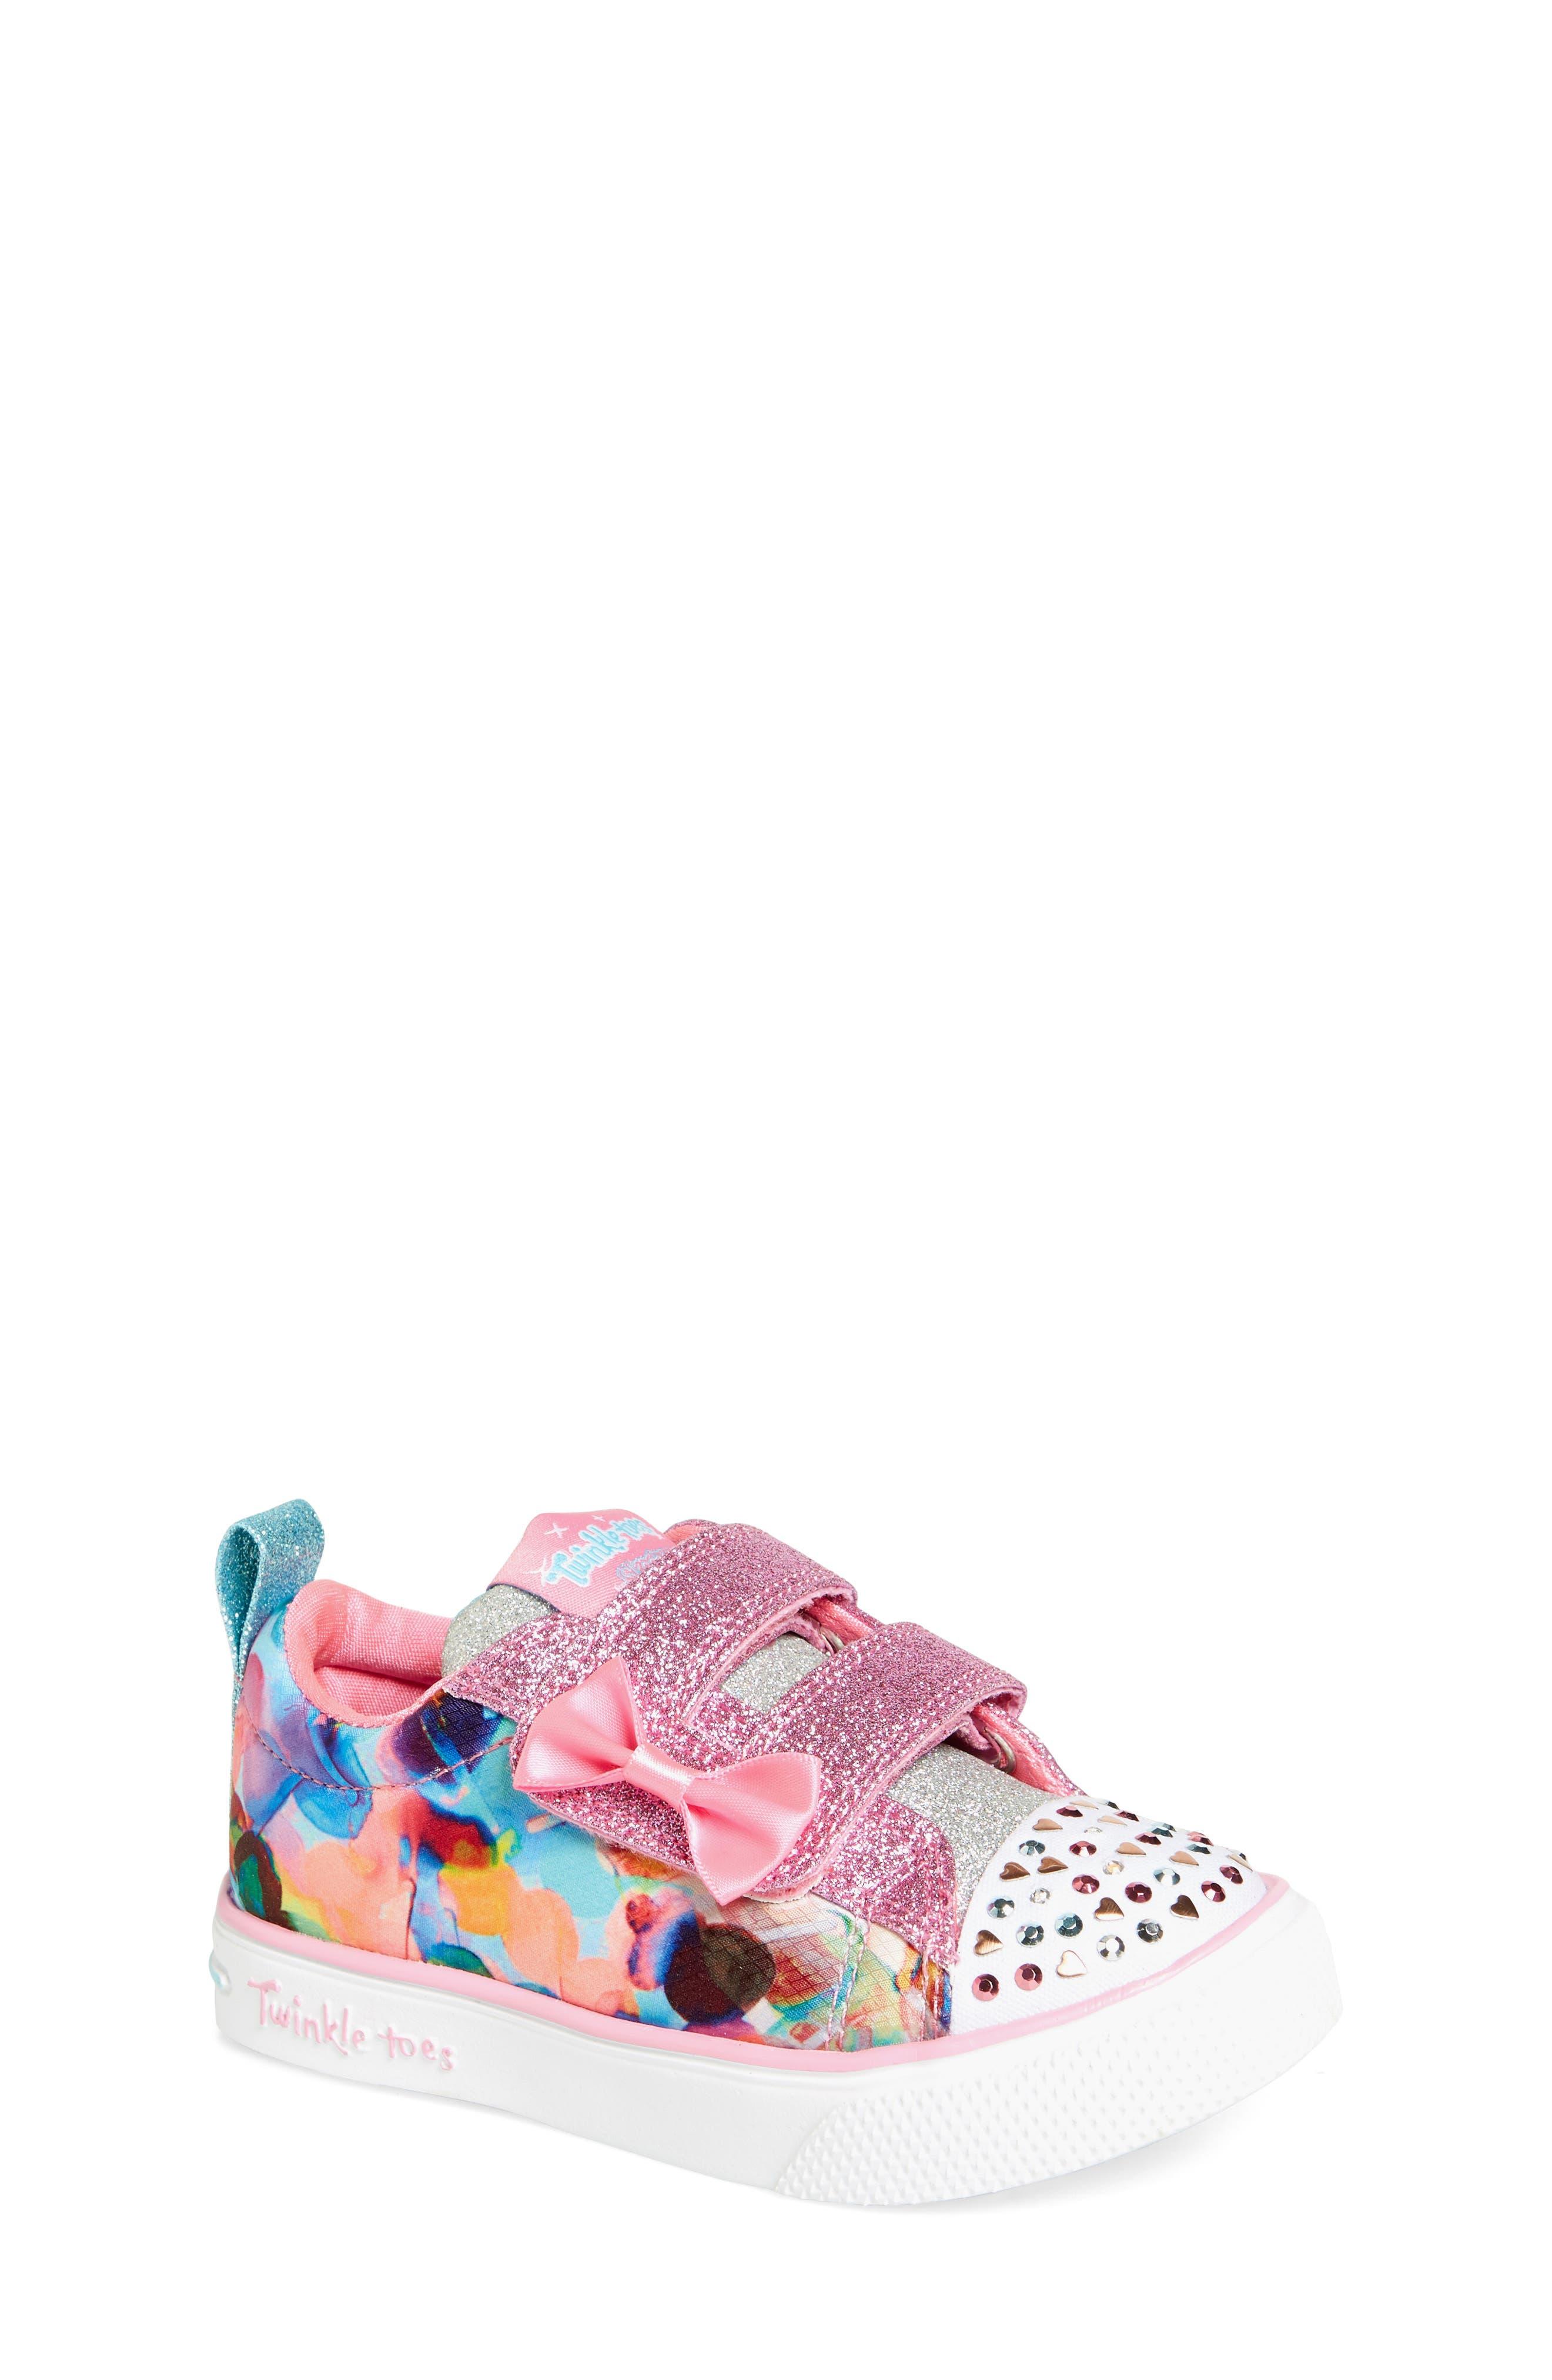 SKECHERS Twinkle Breeze 2.0 Princess Sneaker (Toddler & Walker)